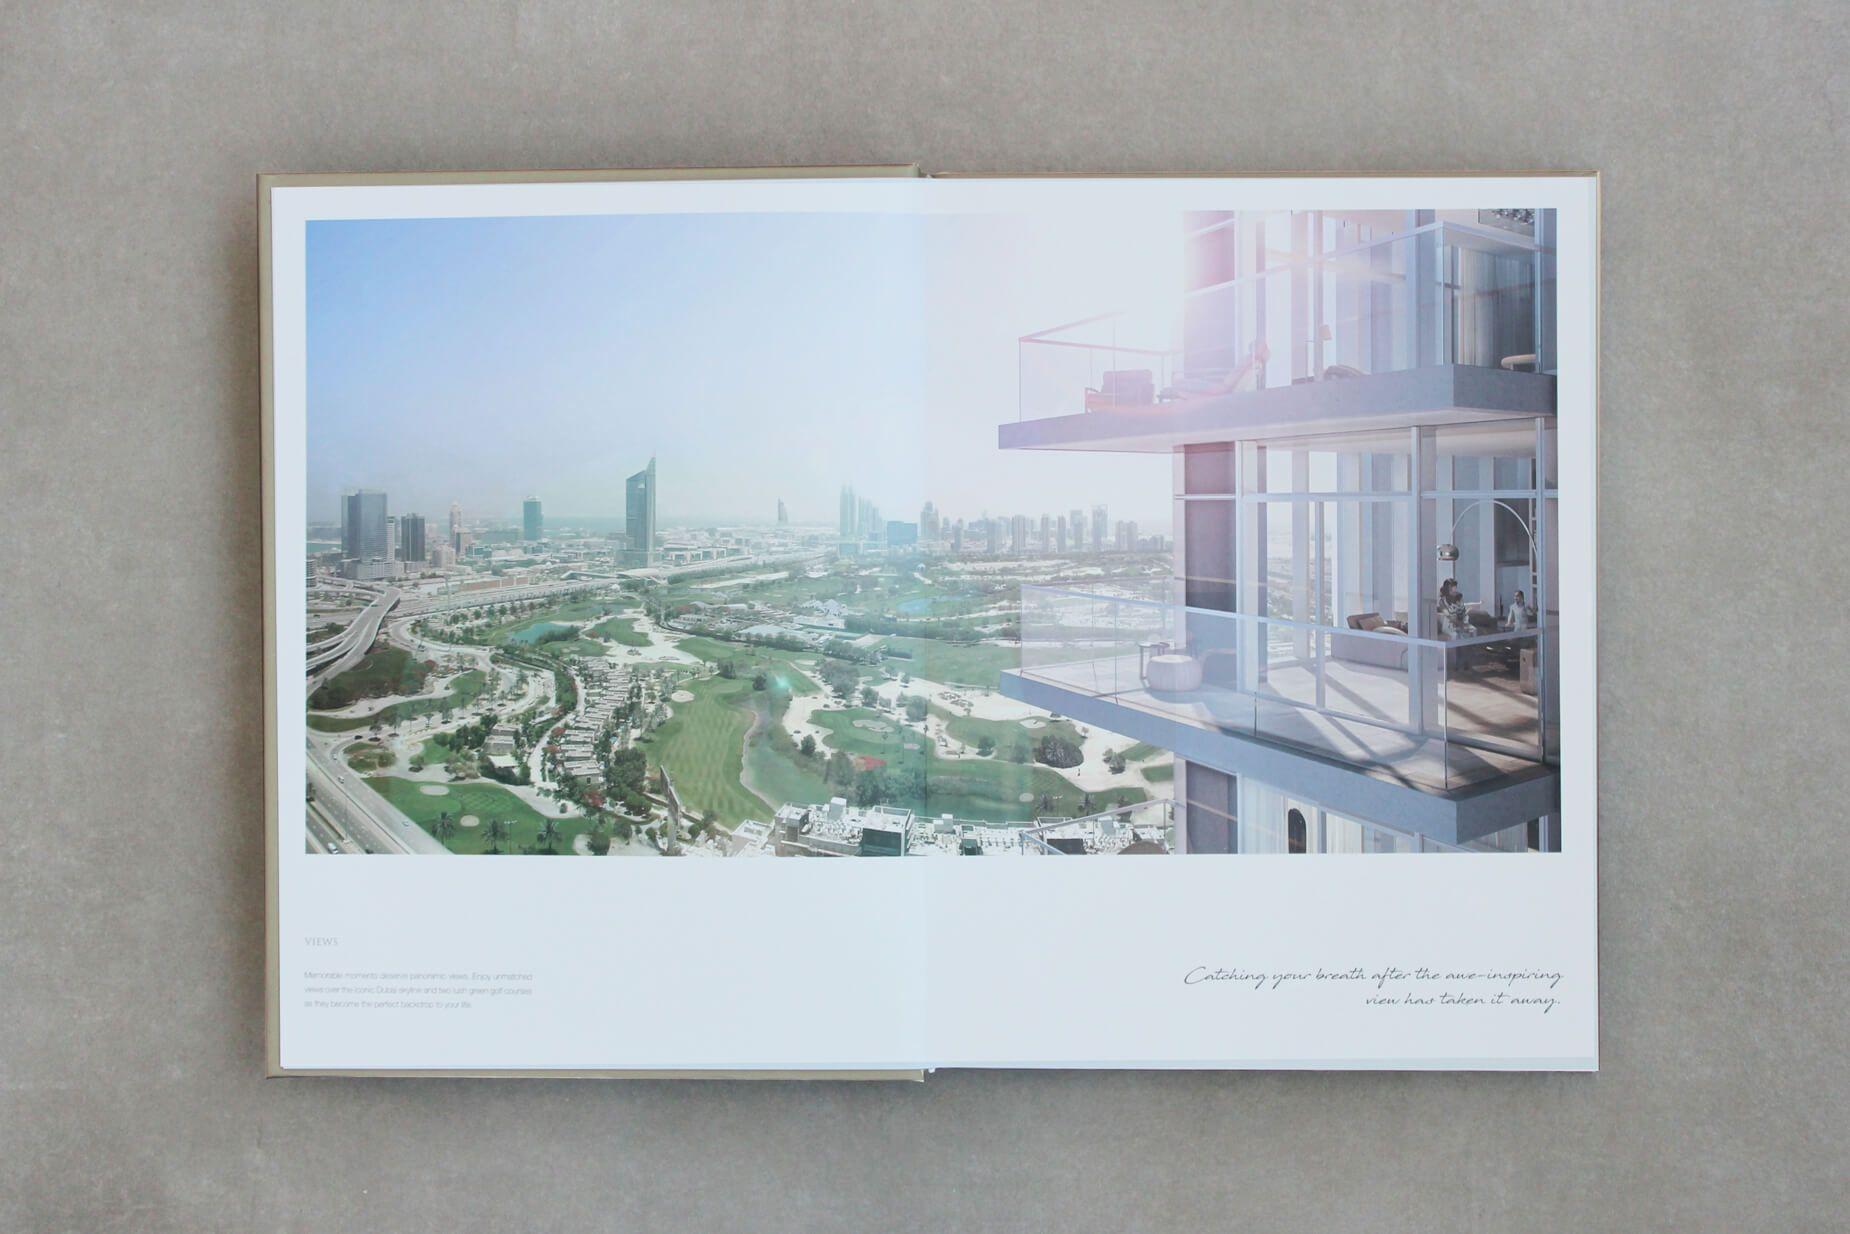 banyan-book-cover-7.jpg